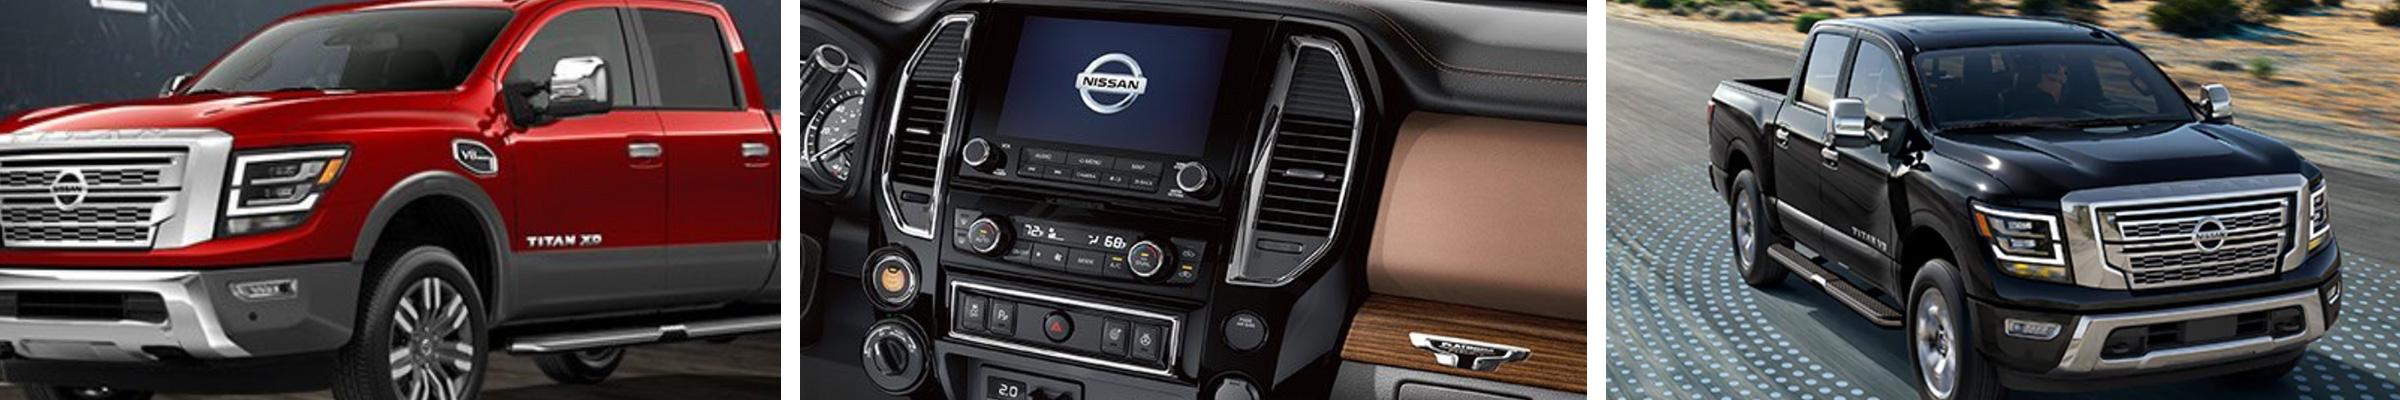 2020 Nissan Titan XD For Sale Fort Collins CO | Loveland